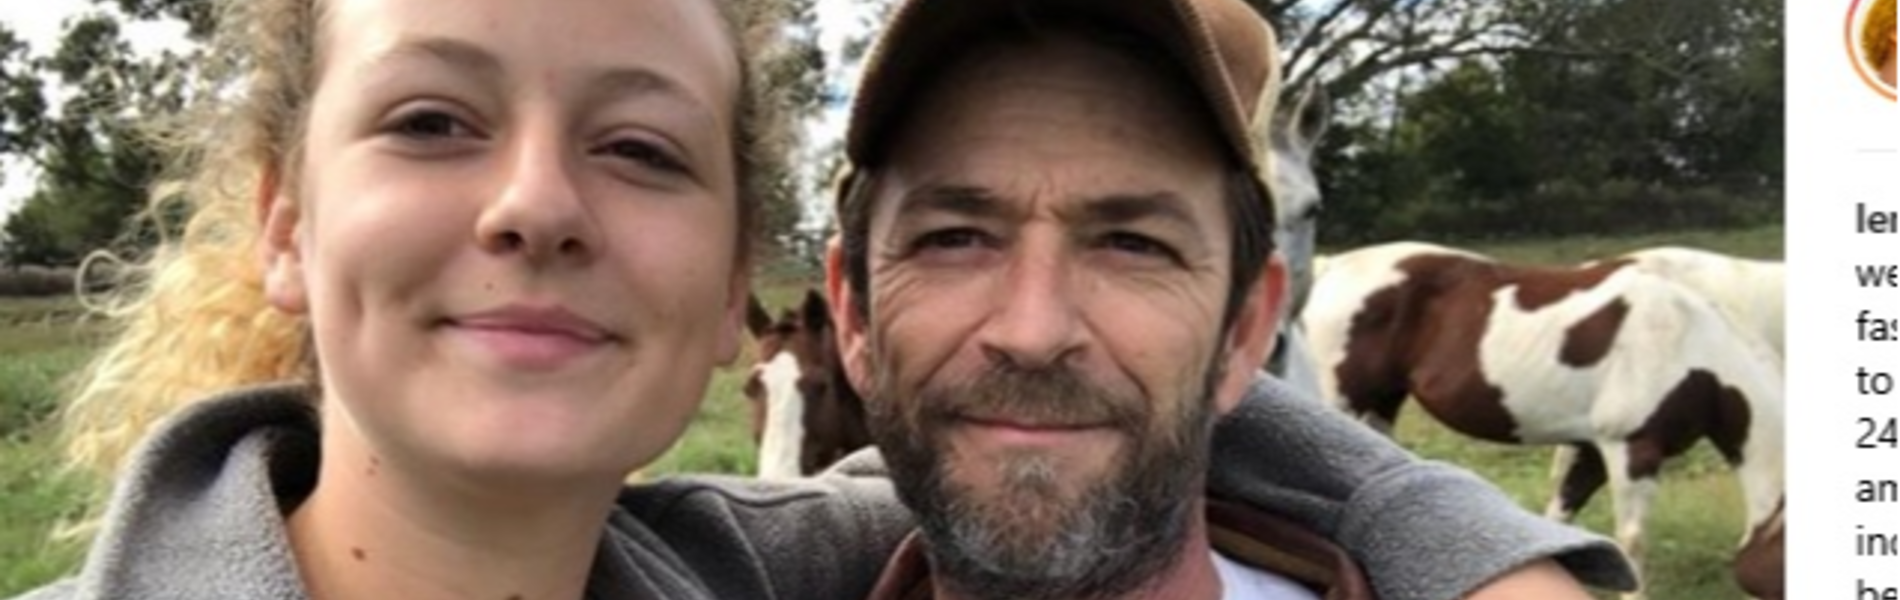 שבוע אחרי מותו: ברשת תוקפים את הבת של לוק פרי